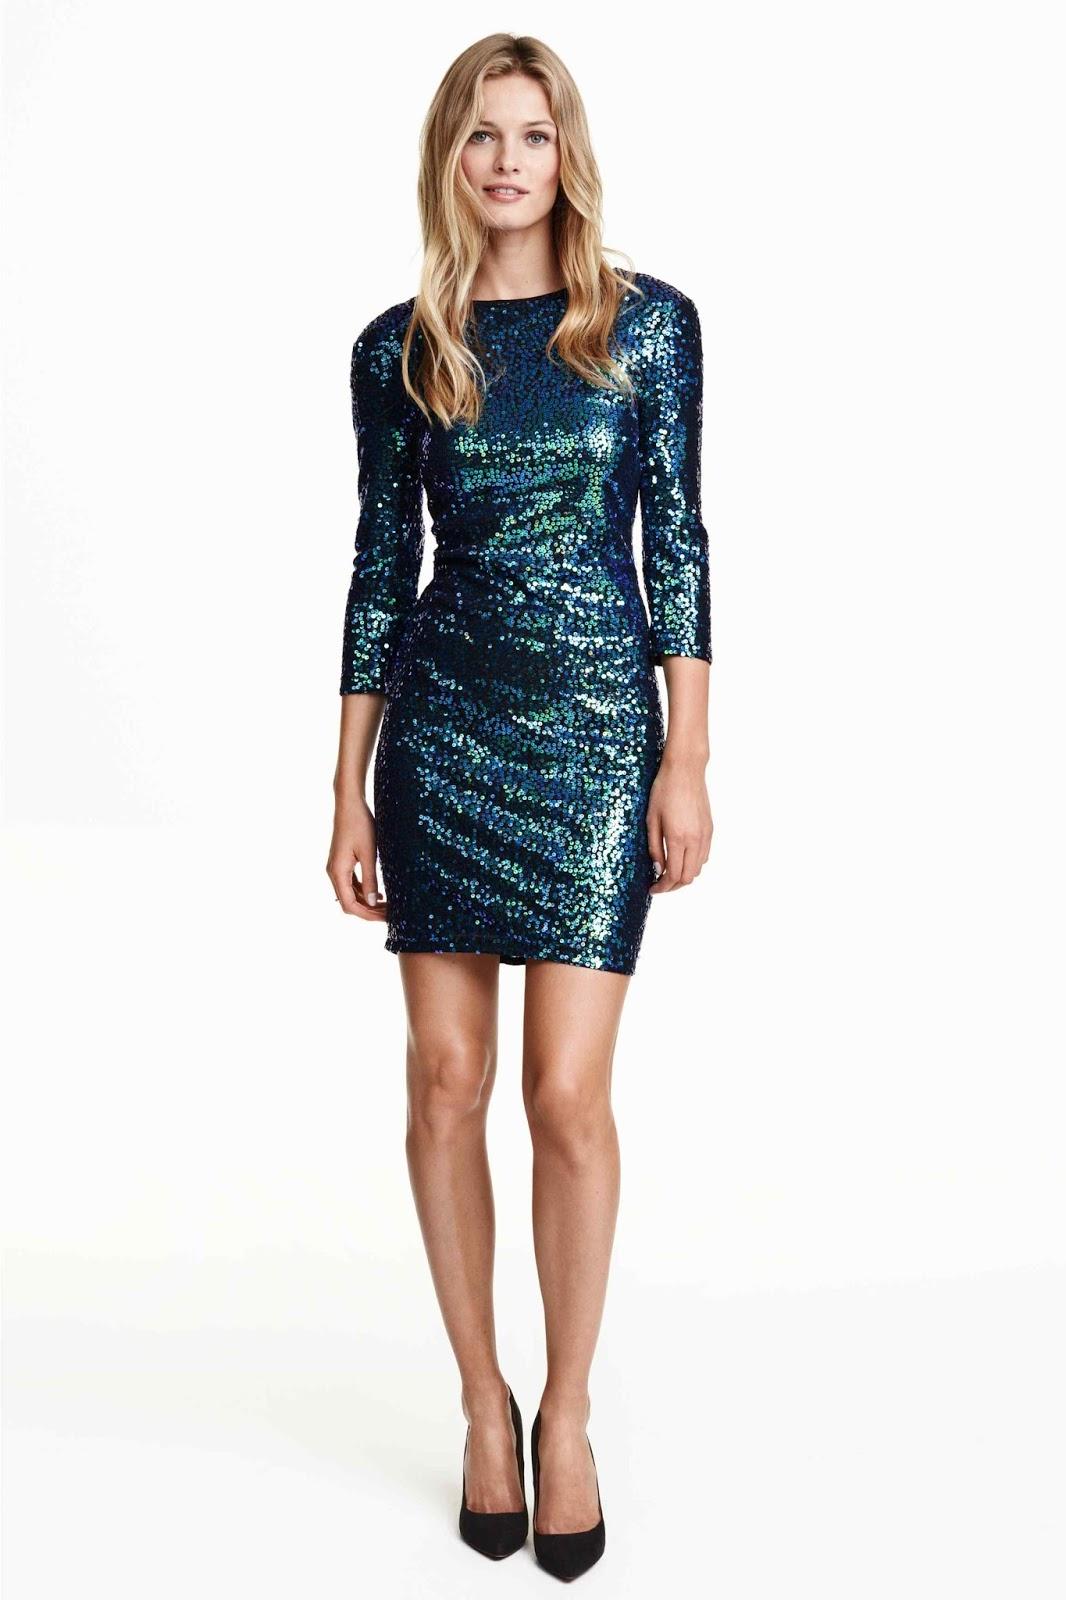 3296253acb Vestidos para nochevieja 2016 – Vestidos hermosos y de moda 2018